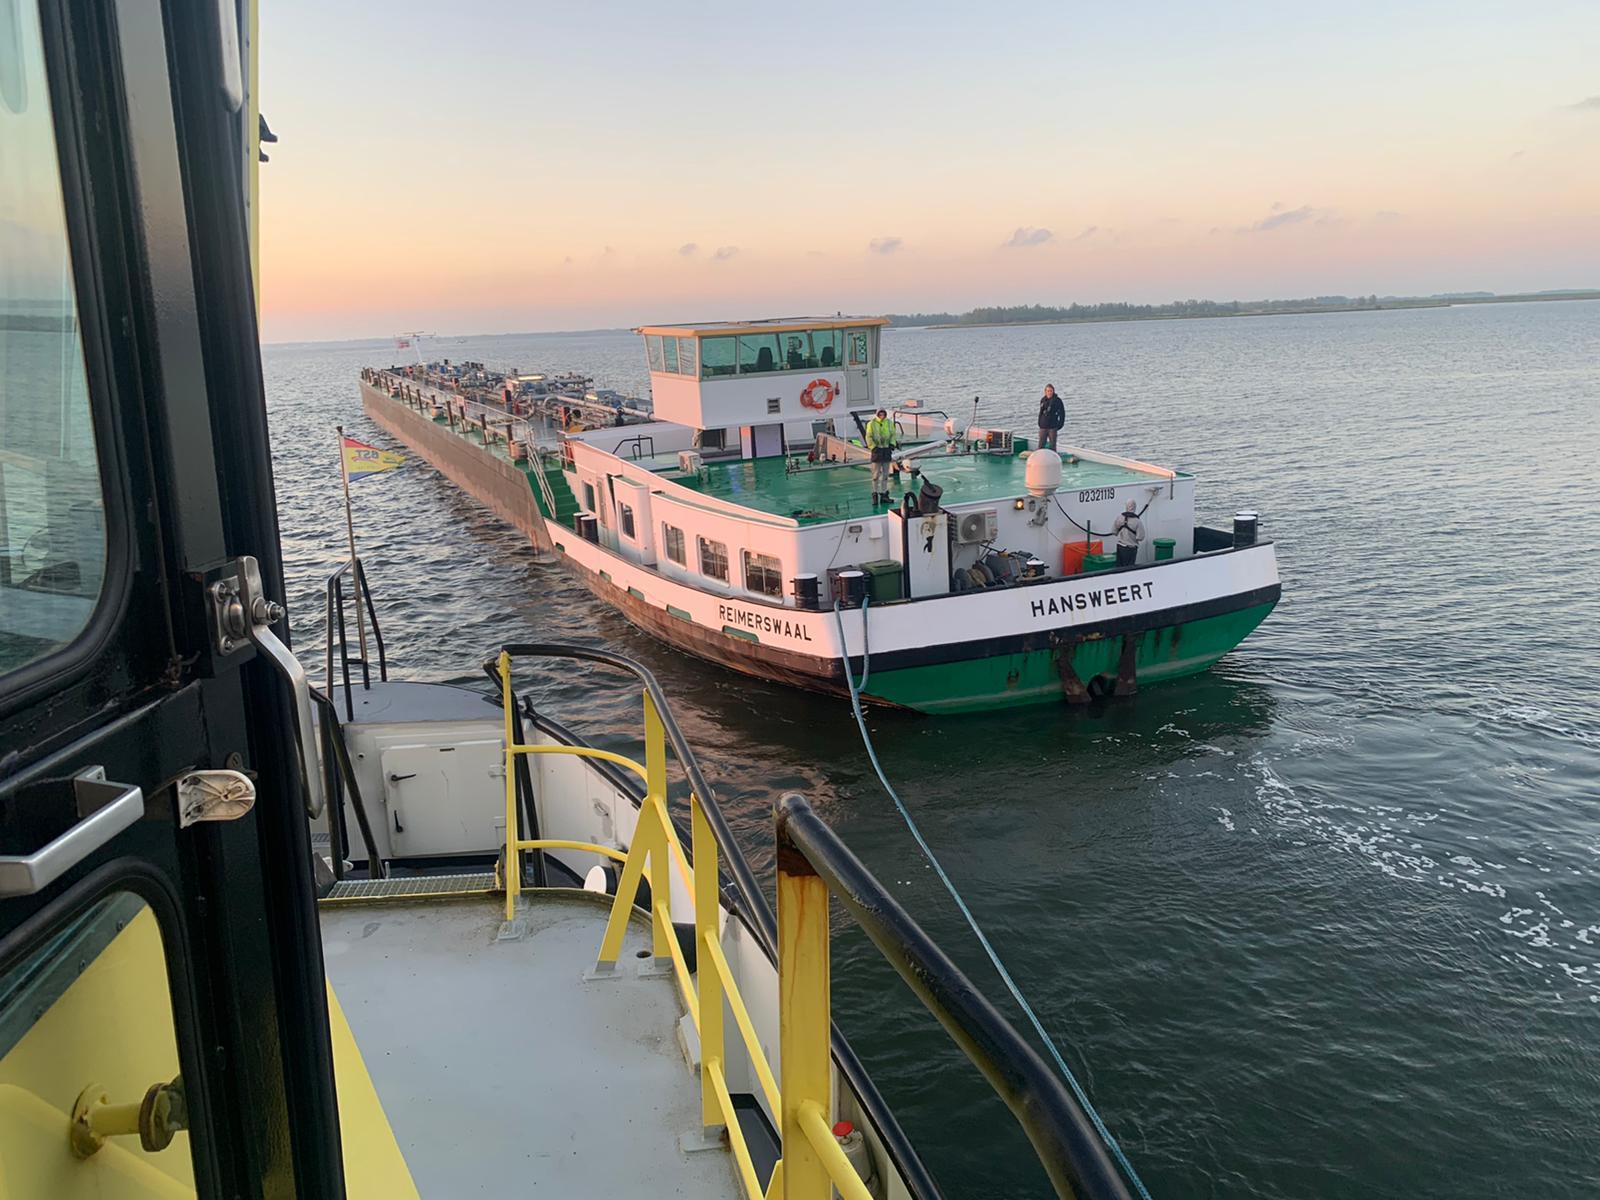 De Reimerswaal is inmiddels los en nadat de tanker werd nagekeken kon het zijn weg vervolgen. (Foto Reinier van der Zee)